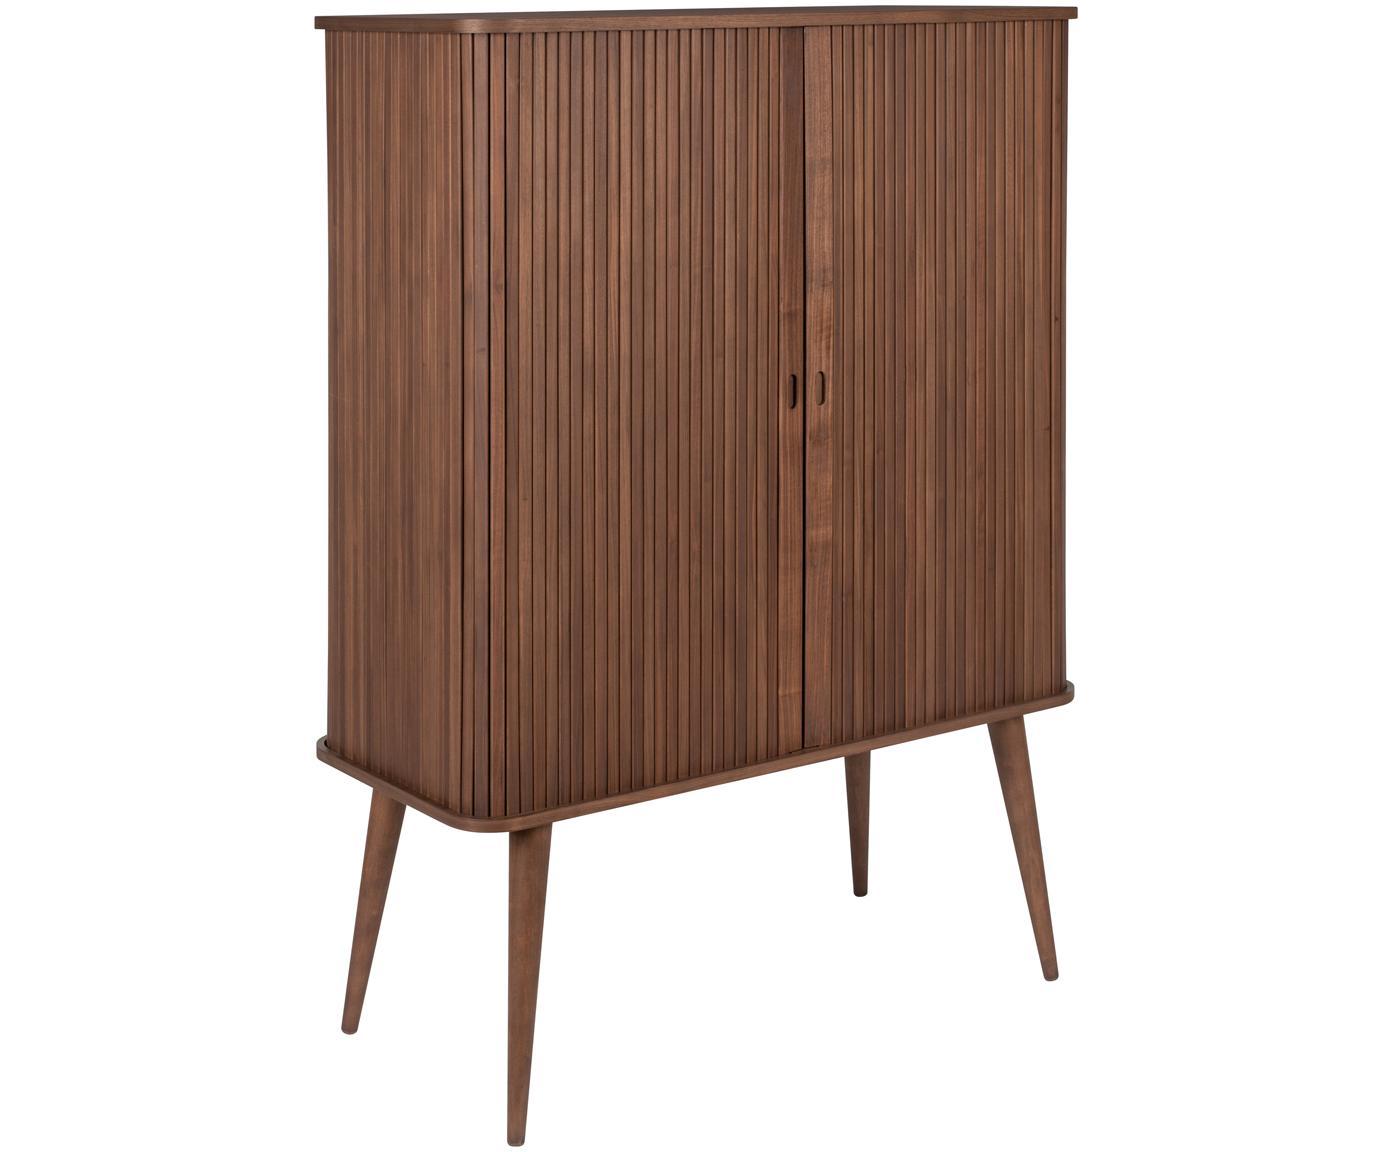 Wysoka komoda retro Barbier, Korpus: płyta pilśniowa średniej , Drewno orzecha włoskiego, S 100 x W 140 cm